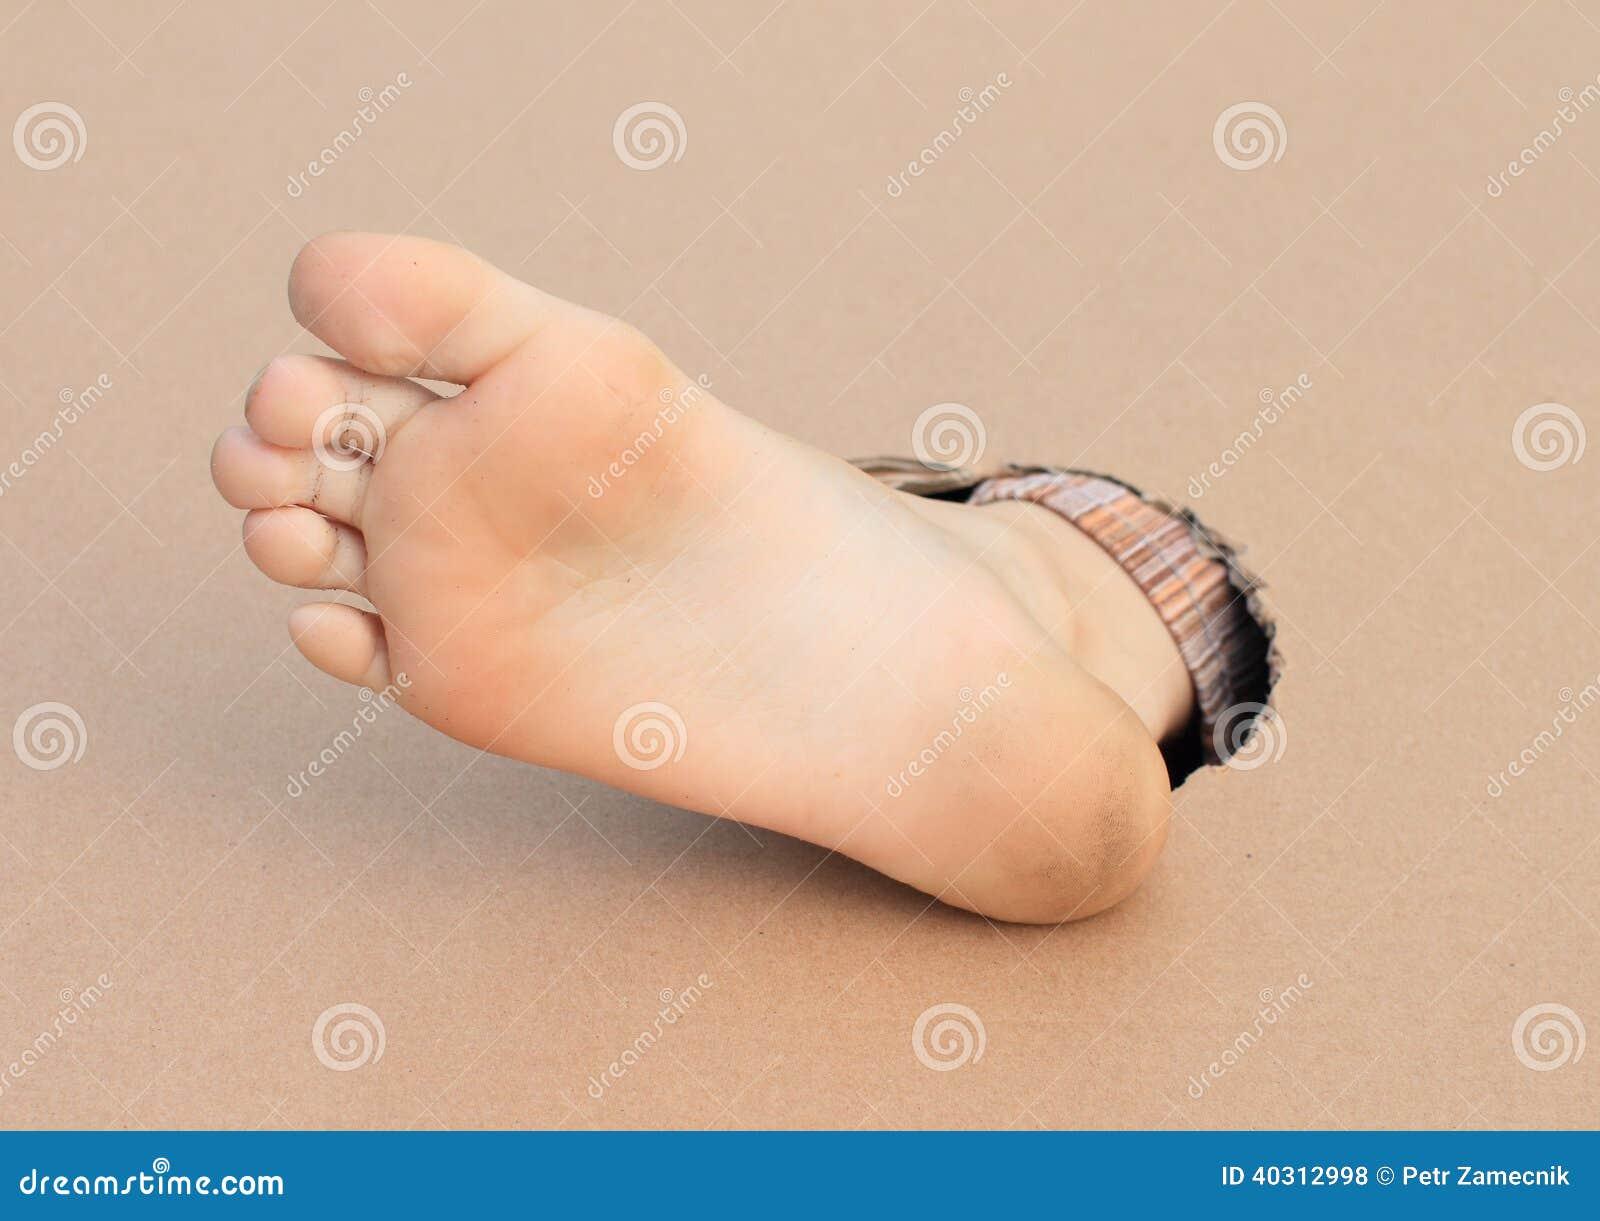 Gör bar endast av den högra foten